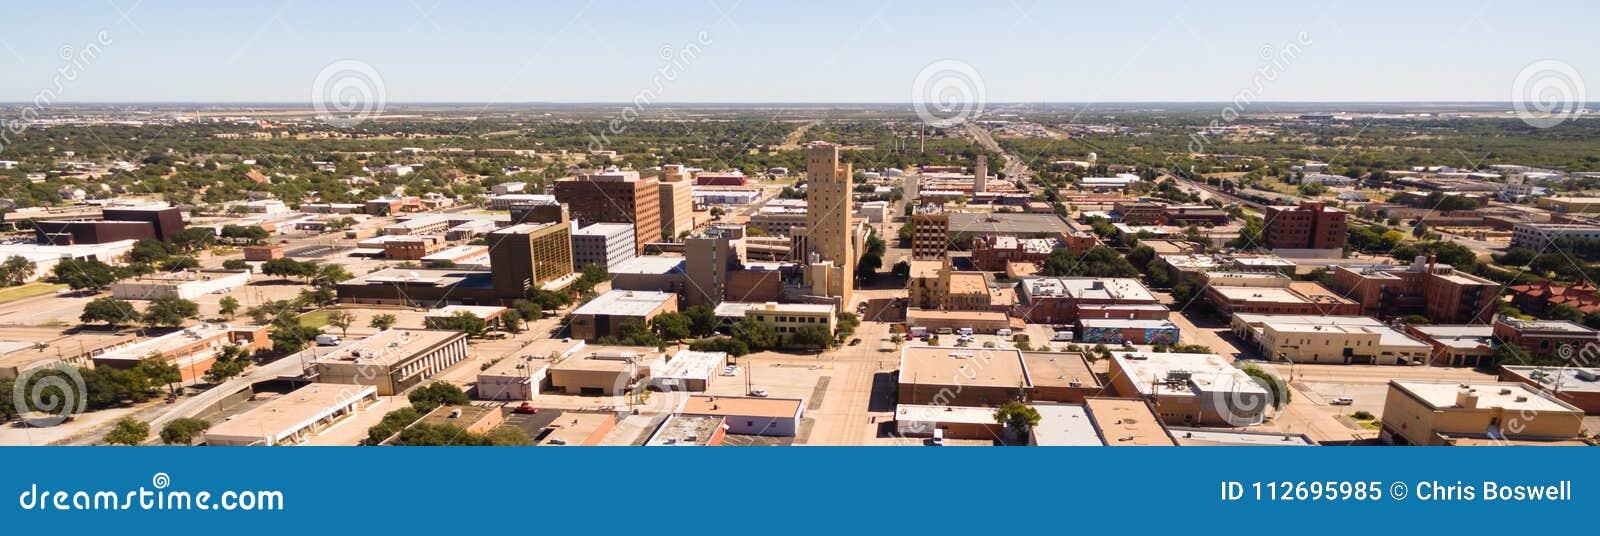 El domingo por la mañana sobre la calle vacía Lubbock Texas Downtown Skyline